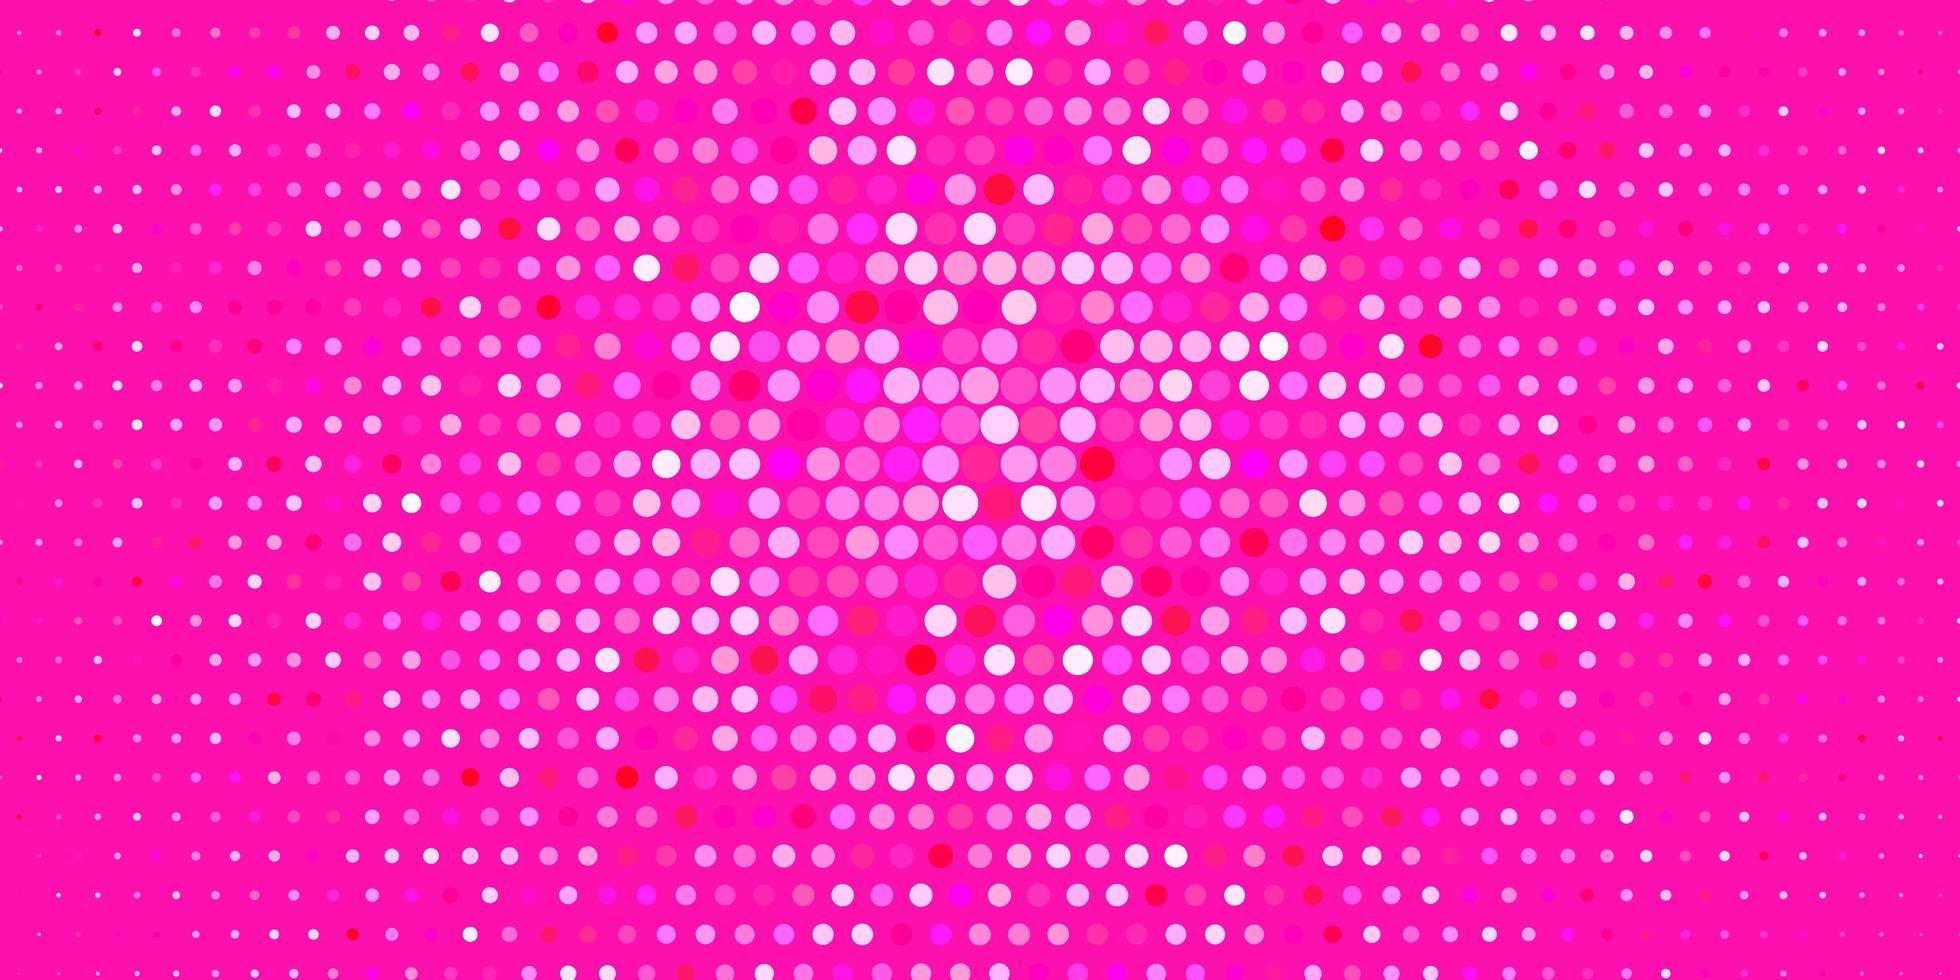 fundo do vetor rosa claro com bolhas.